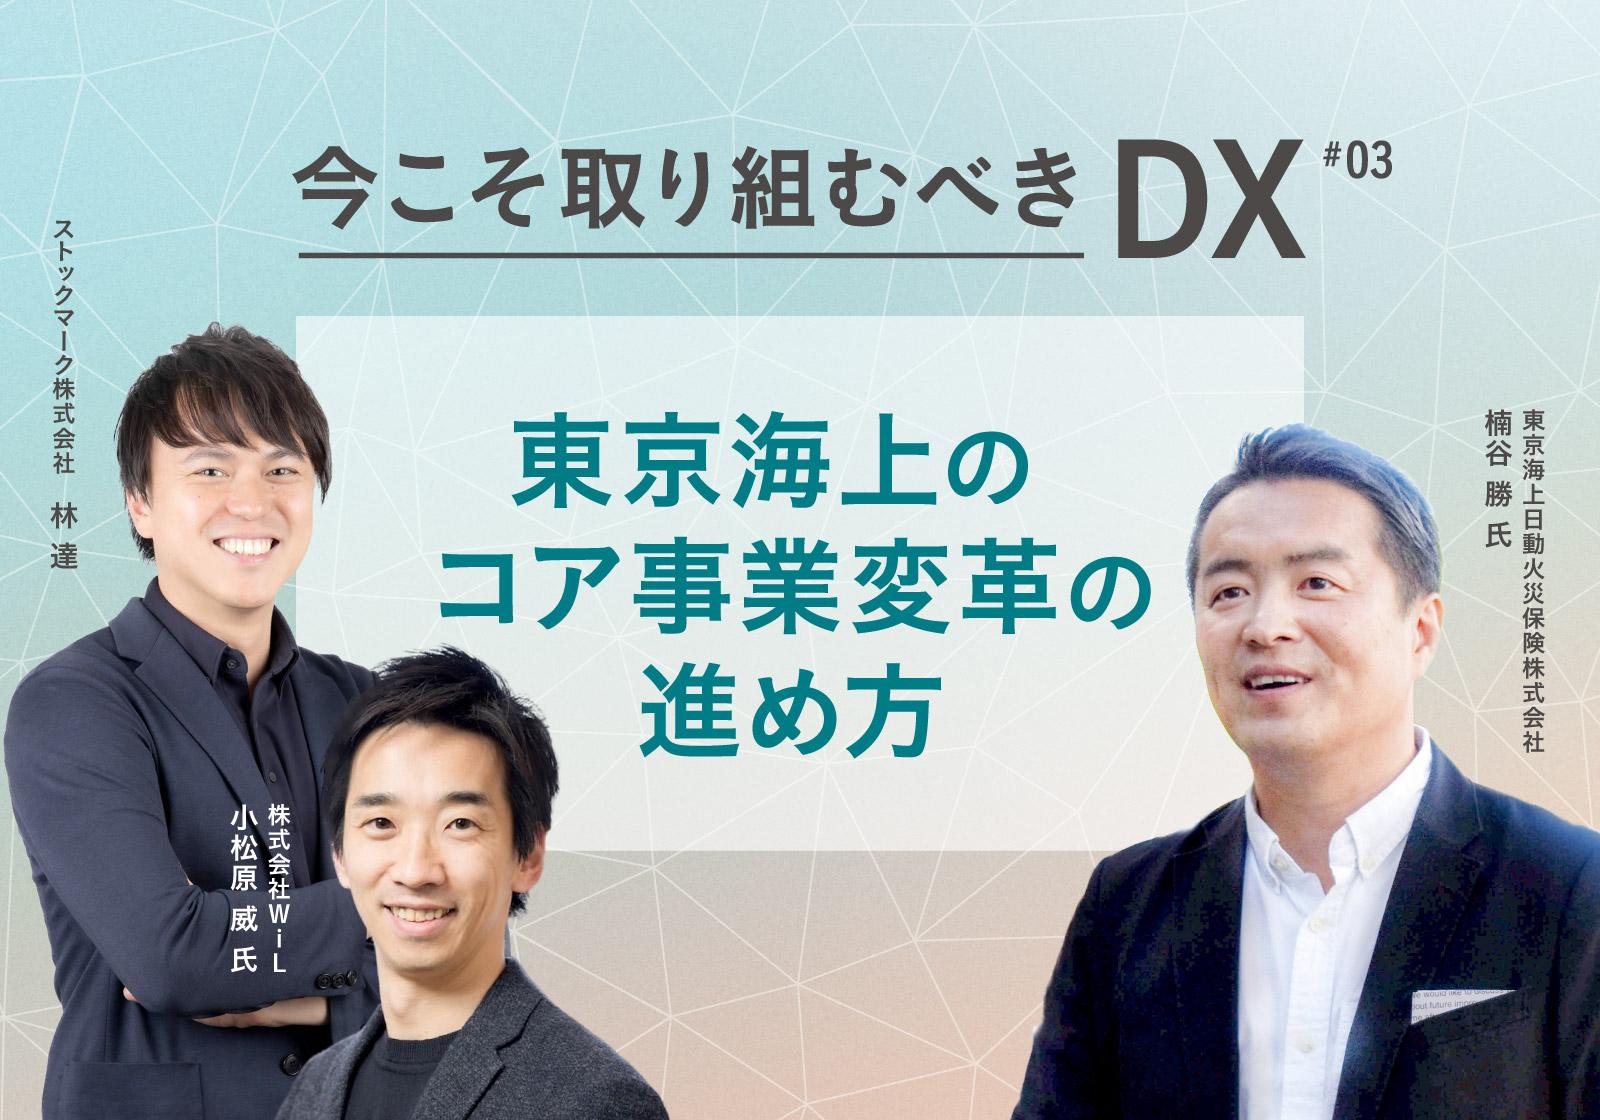 DX_tokiomarine-1600×1120-nodate